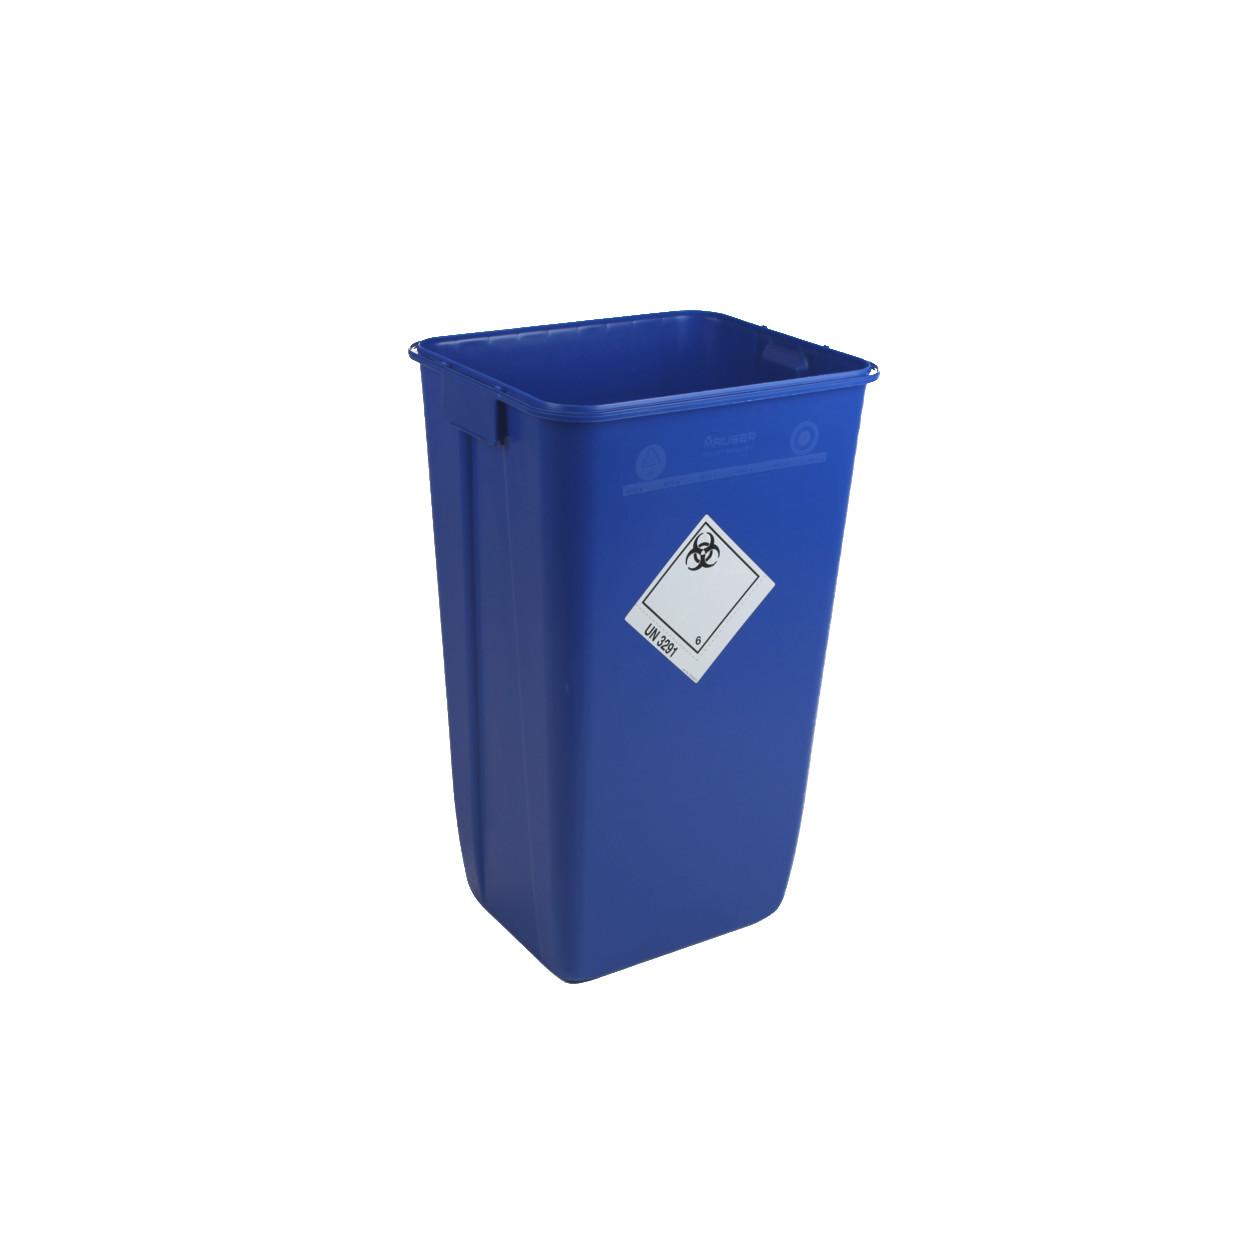 Nádoba na biologický odpad - 60 l